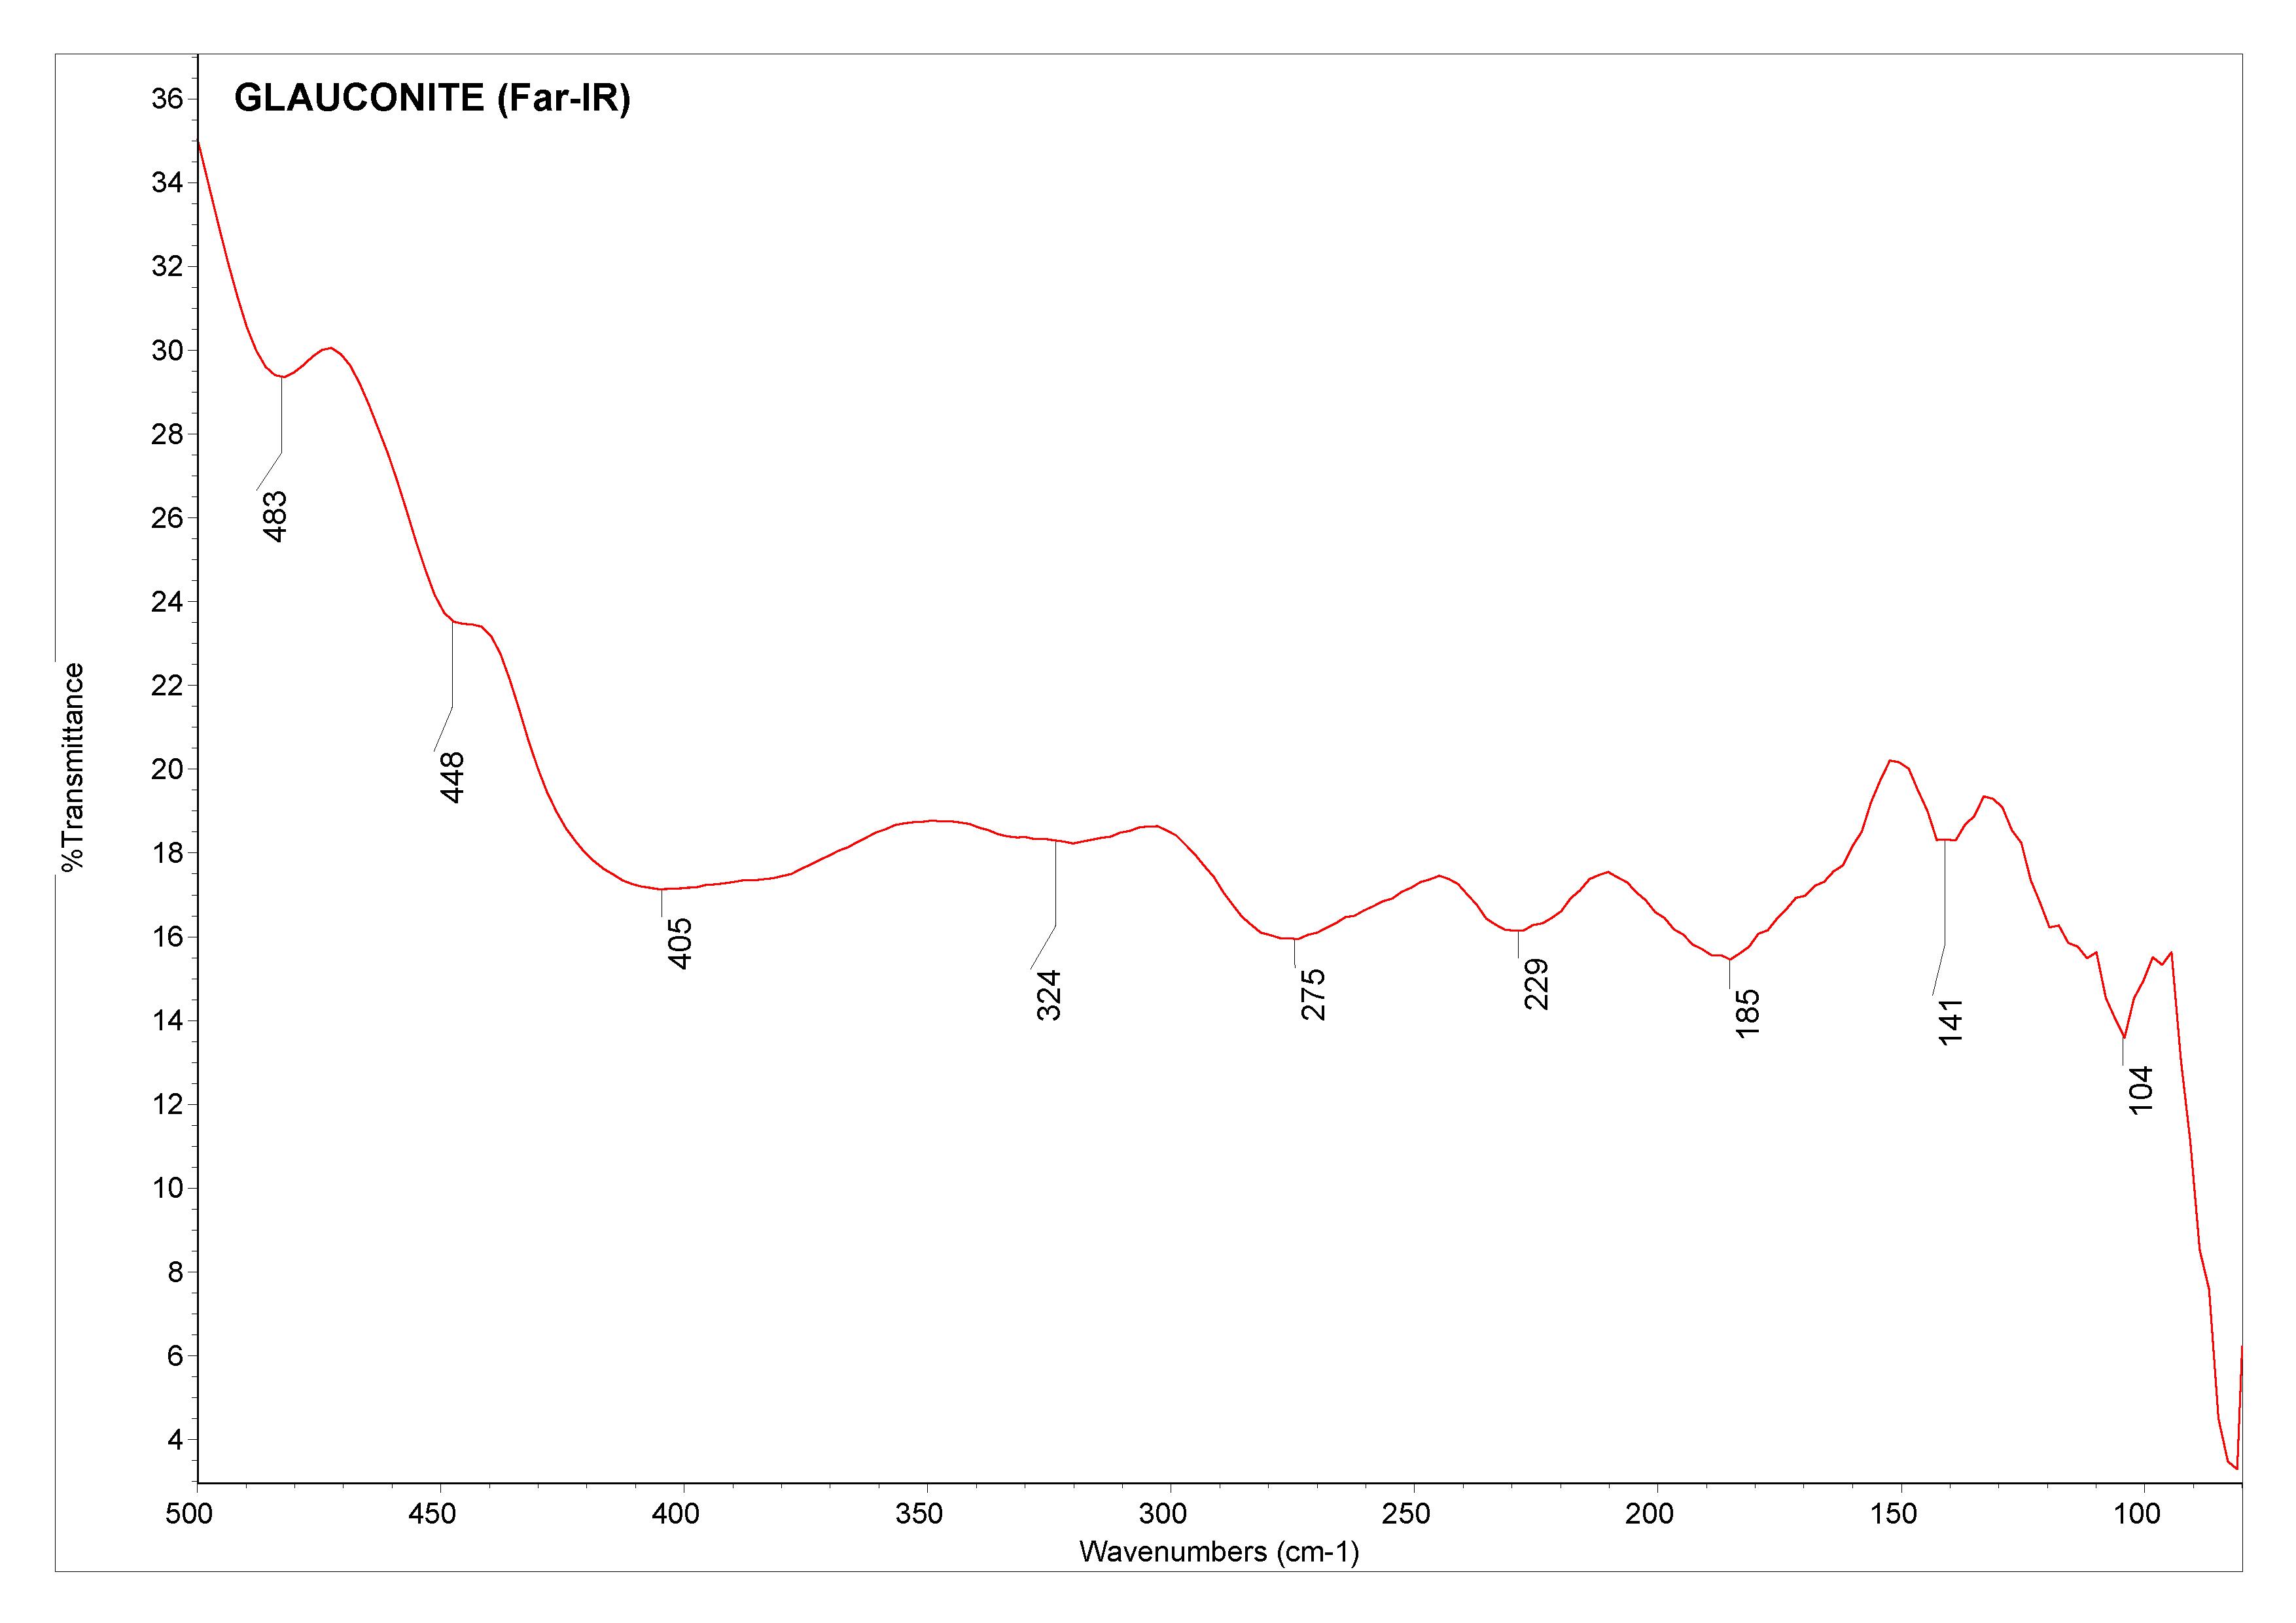 Glauconite (Far-IR)